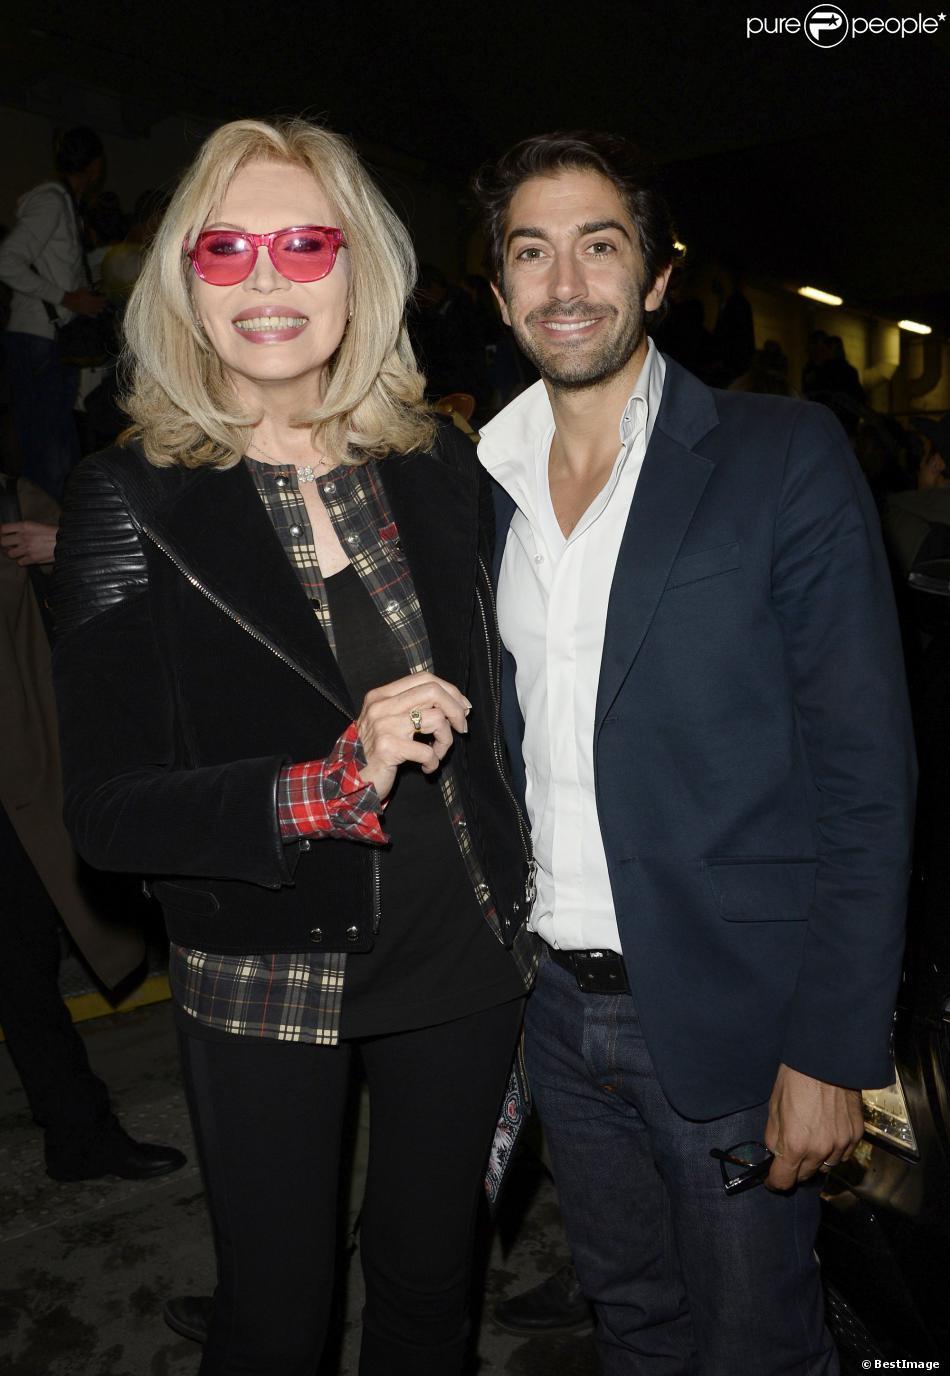 Amanda Lear et Mathieu Delarive au défilé Givenchy prêt-à-porter printemps-été 2014 lors de la Fashion Week à la Halle Freyssinet, à Paris, le 29 septembre 2013.